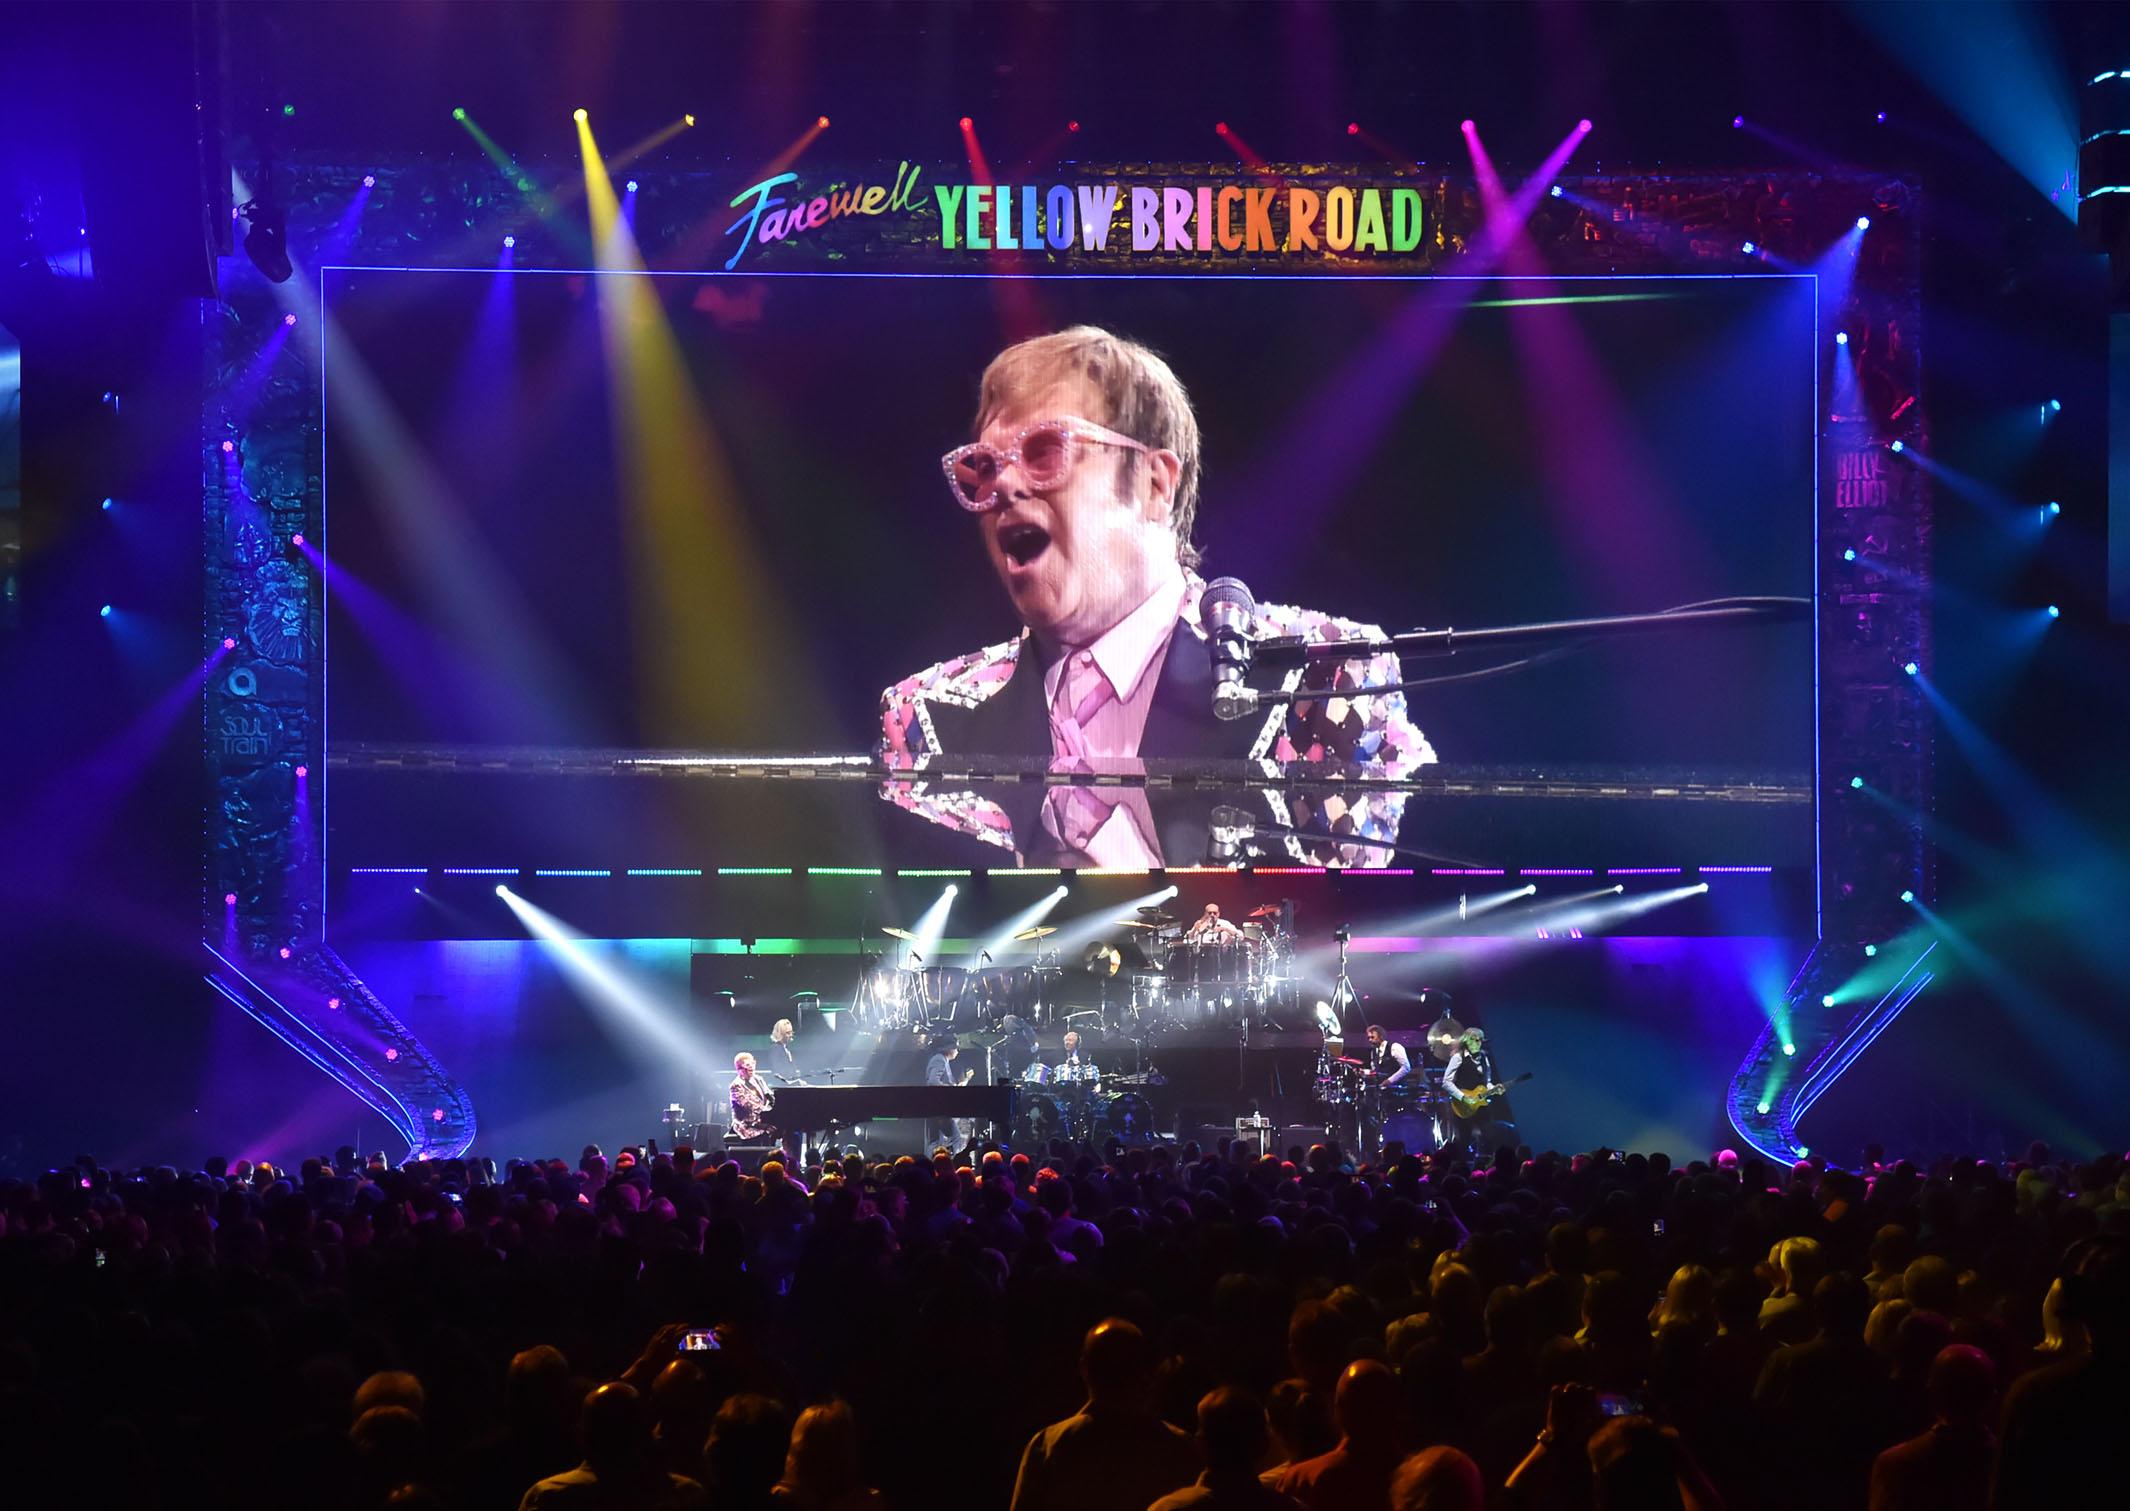 PIC-Elton-John-1.jpg